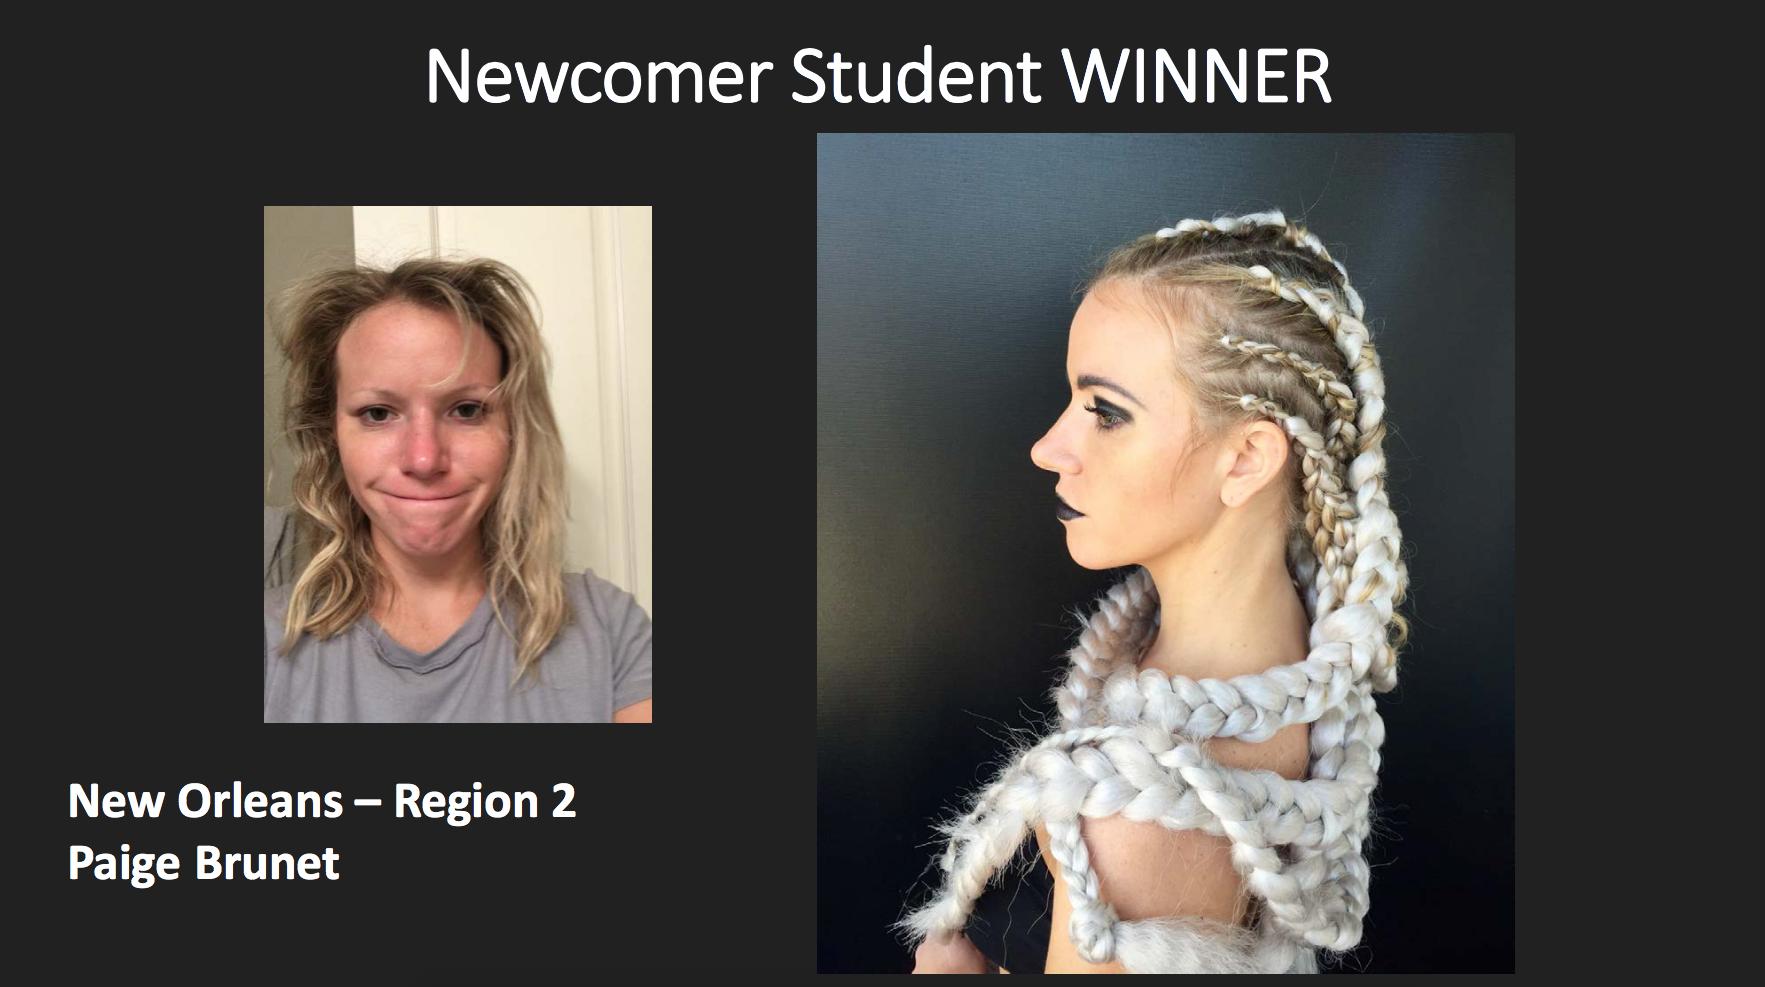 naha-neworleans-winner